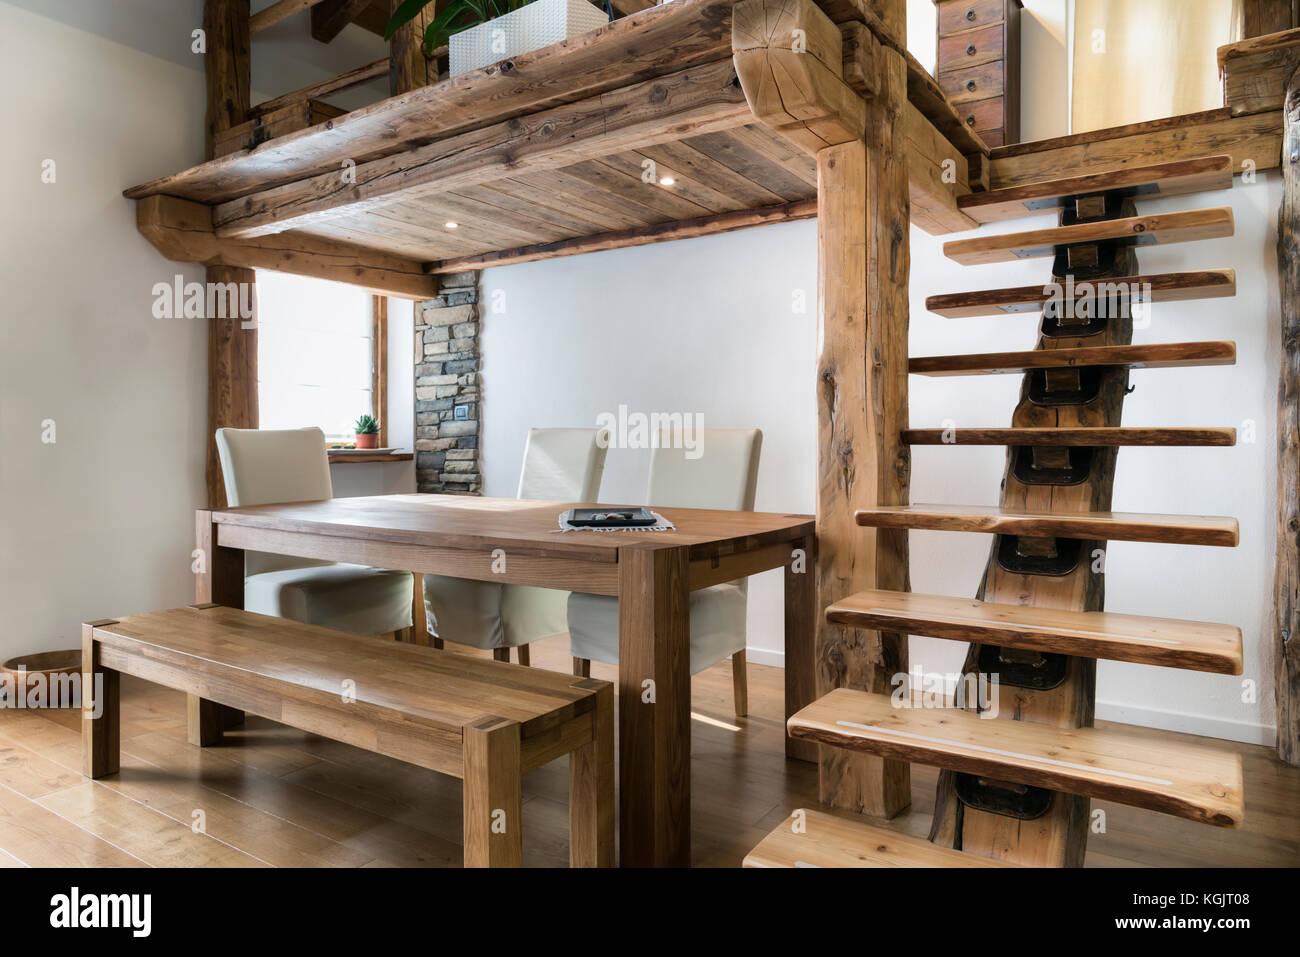 Holz Tisch Im Esszimmer Unter Zwischenboden Stockfoto